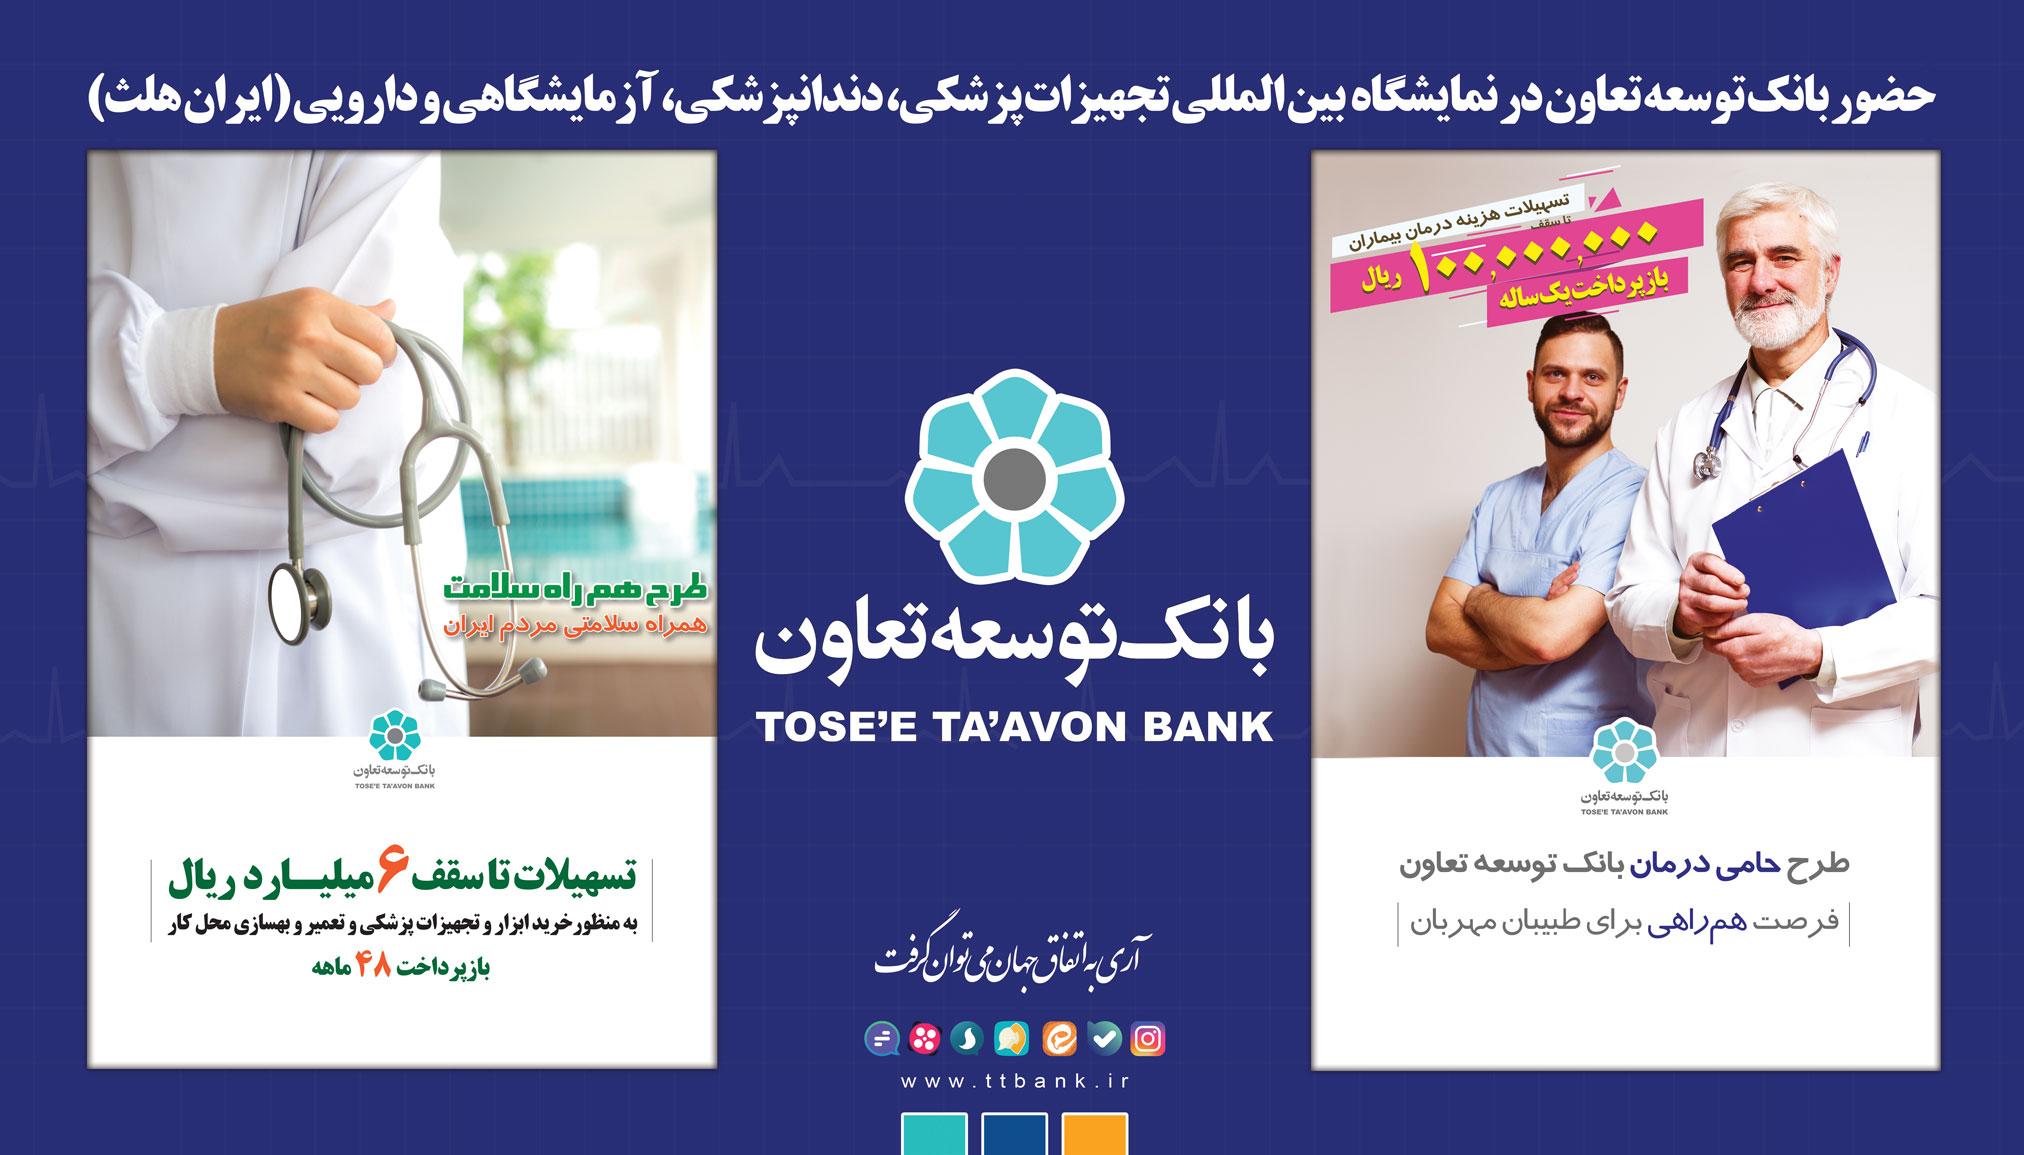 حضور بانک توسعه تعاون در نمایشگاه تجهیزات پزشکی، دندانپزشکی، آزمایشگاهی و داروئی (ایران هلث)